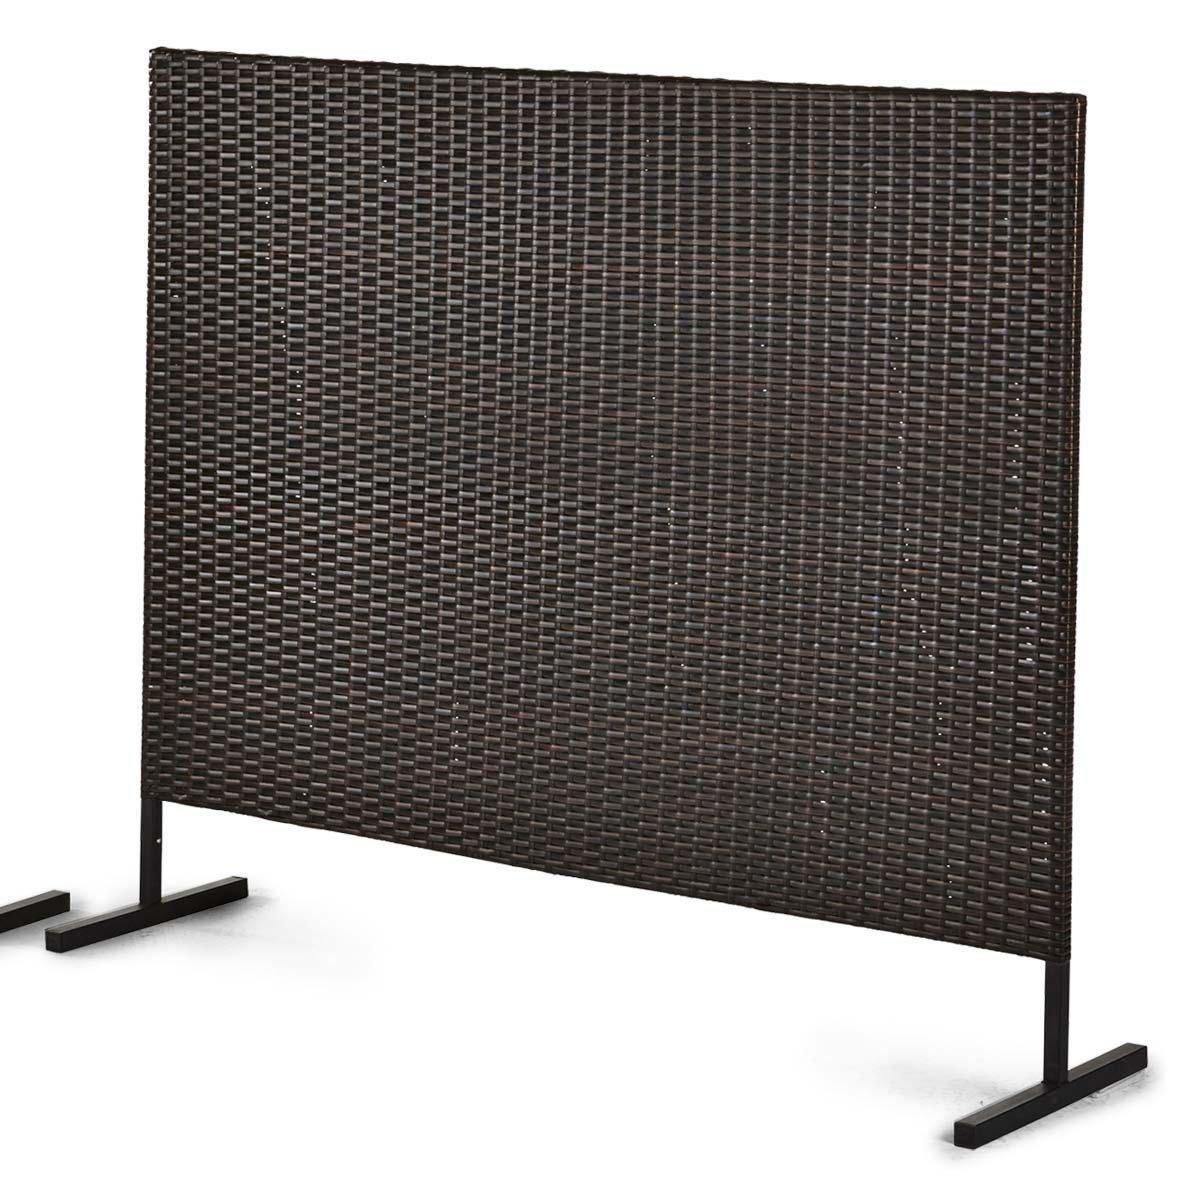 Stellwand Sichtschutz Terrasse Kunstrattan braun schwarz 150 x 4 5